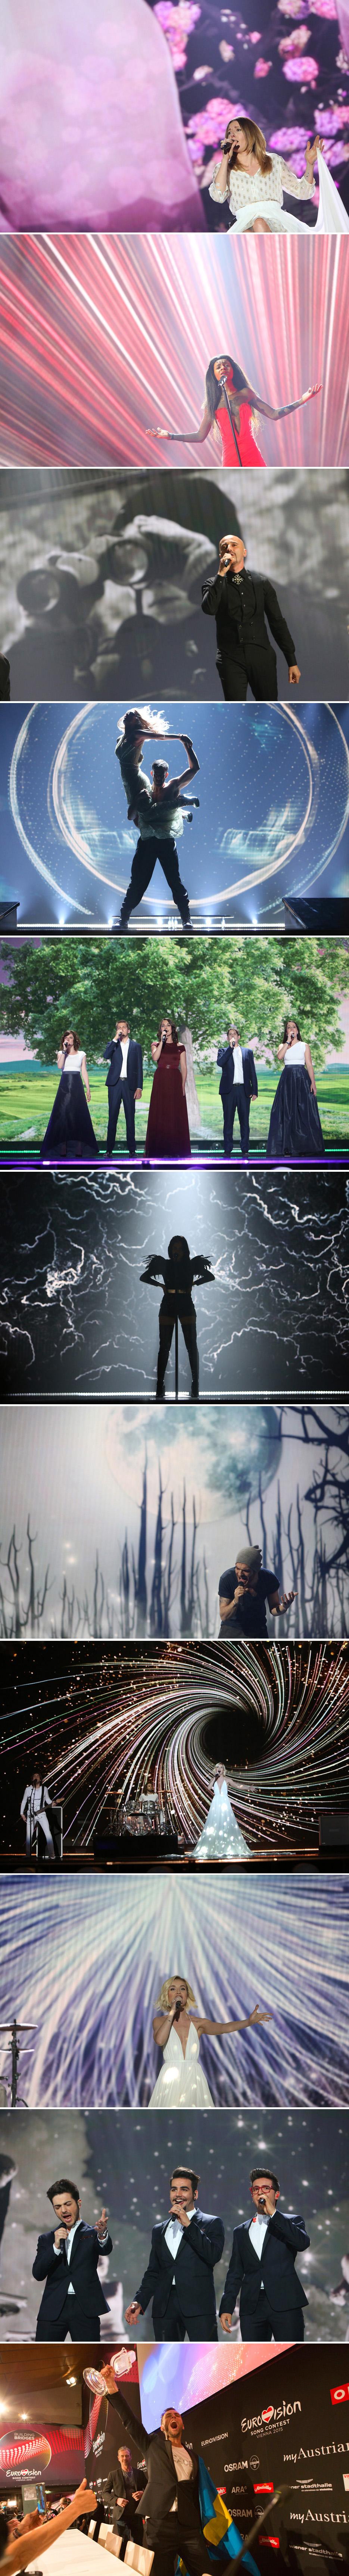 2015.05.22 - VIENNA -EUROVISION SONG CONTEST 2015 IN BILDERN. © Michele Agostinis